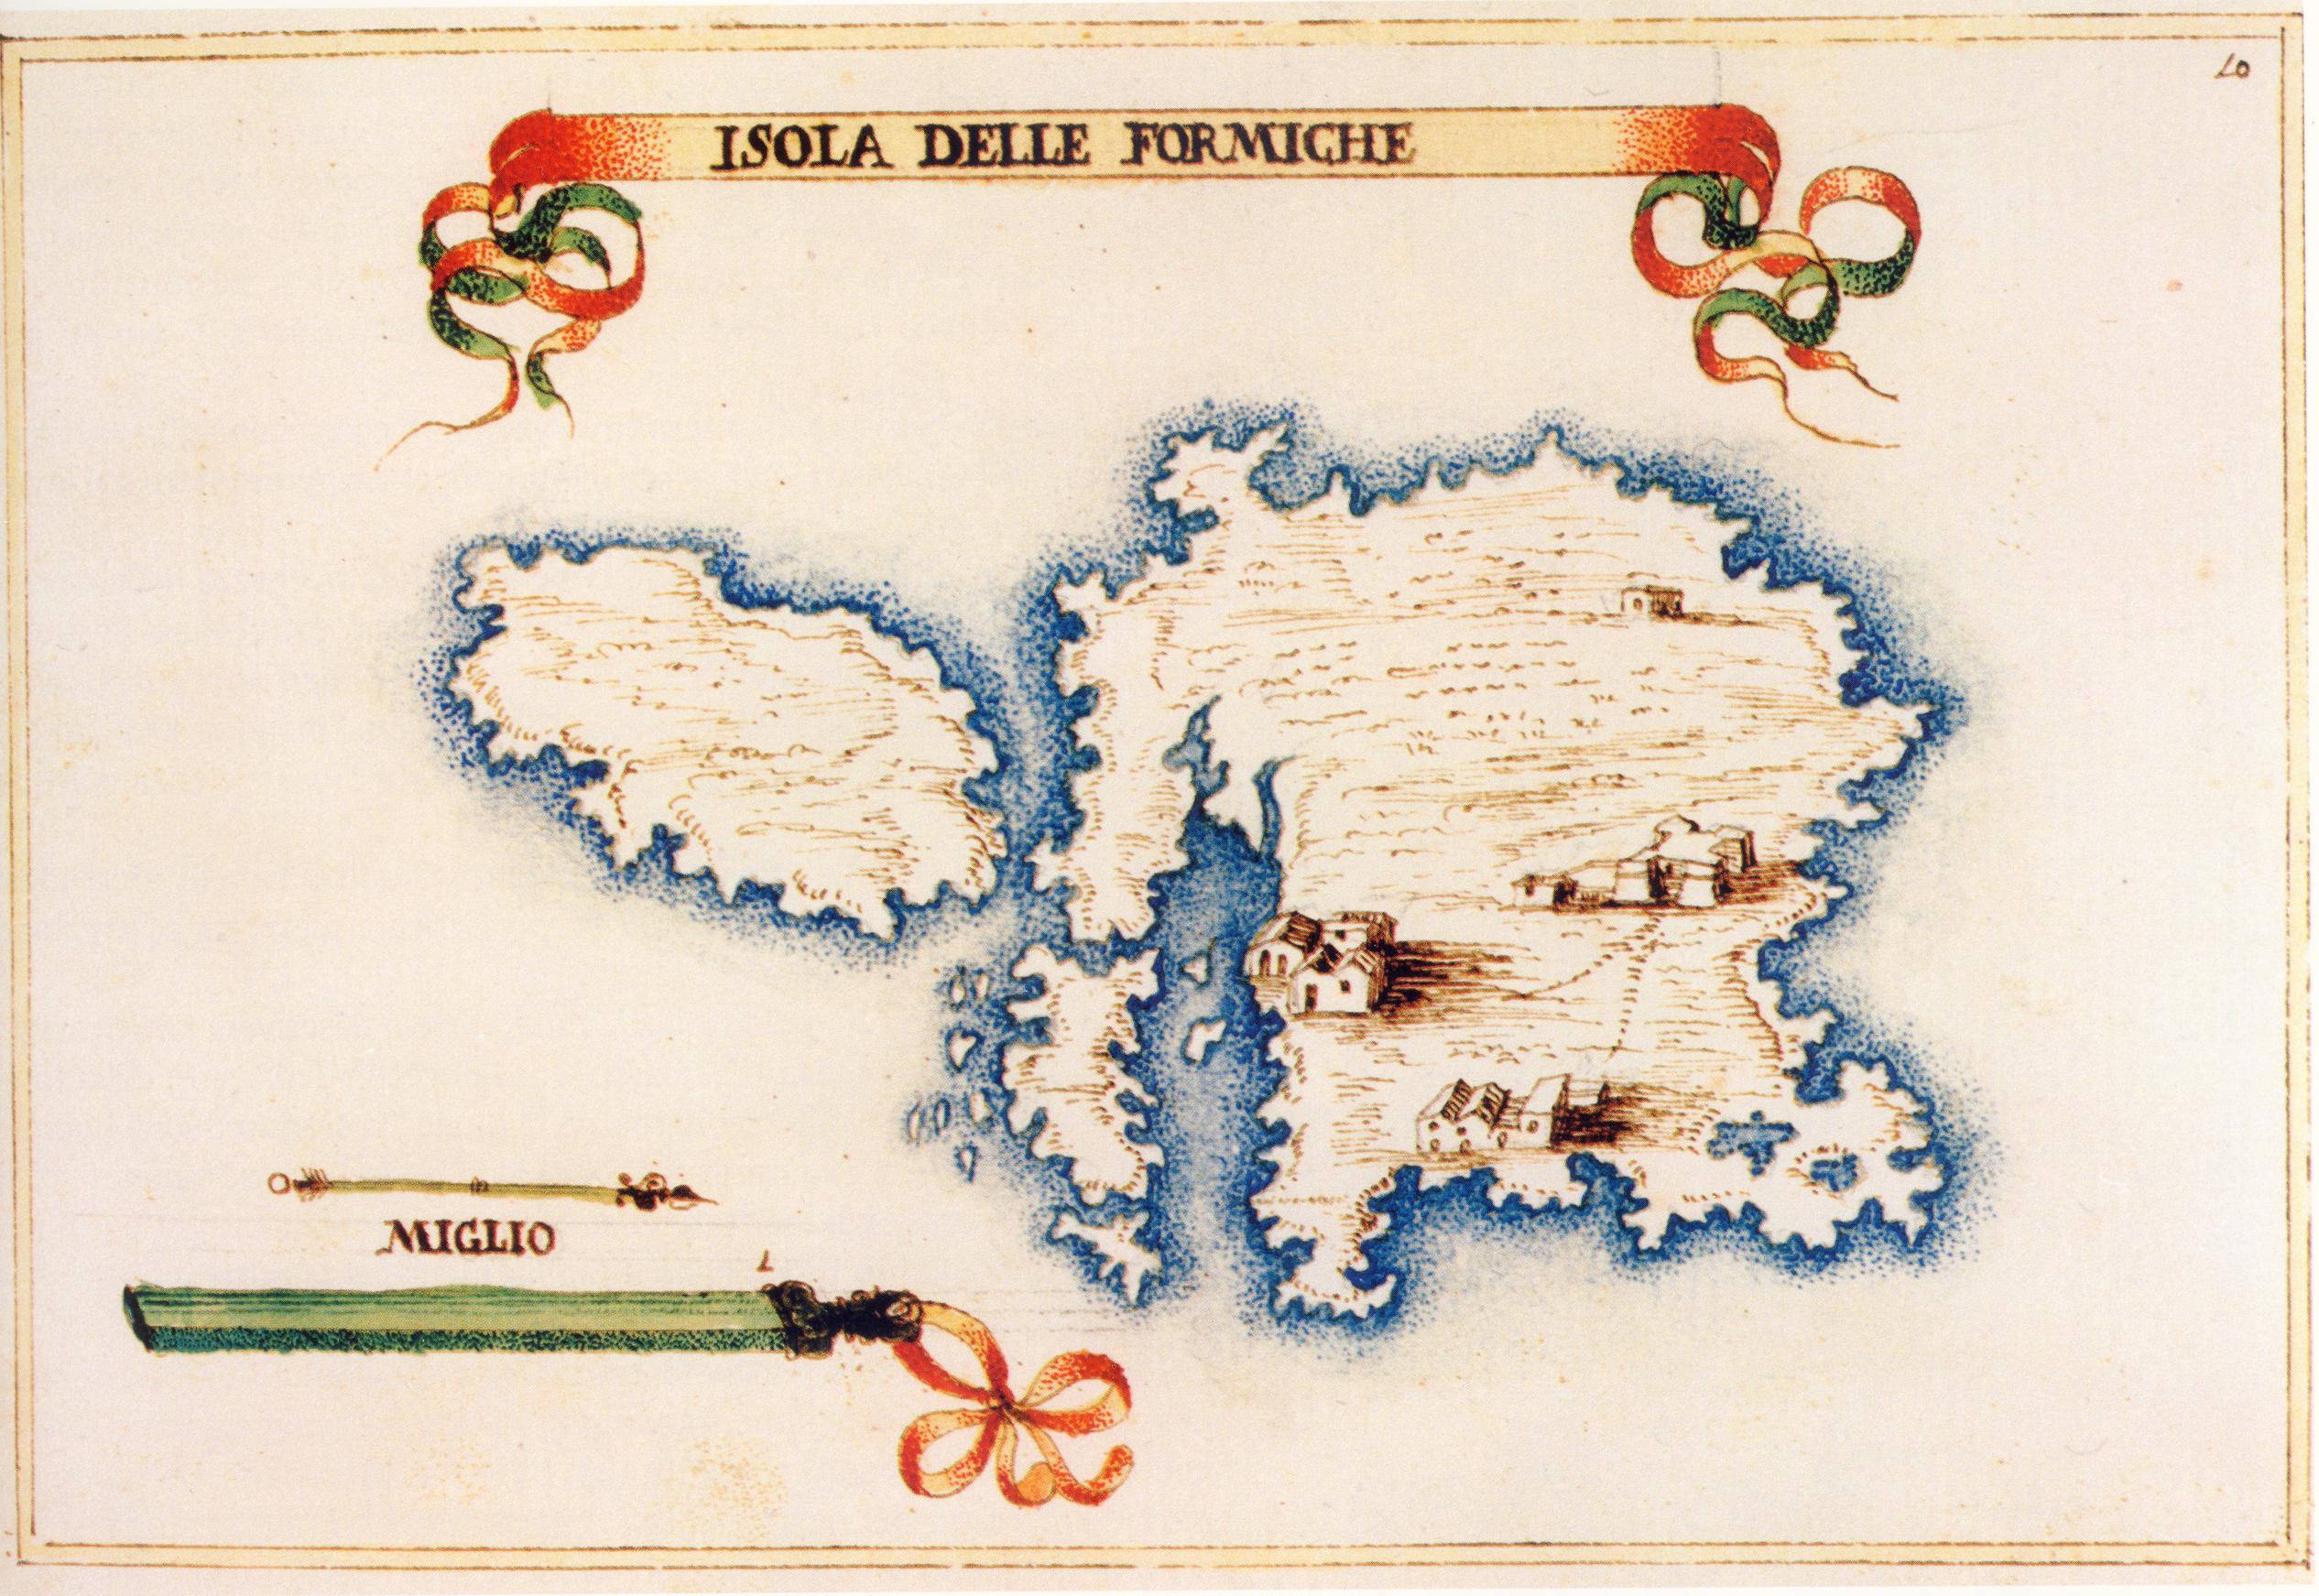 altra foto l'Isola della Favignana e l'Isola delle Formiche